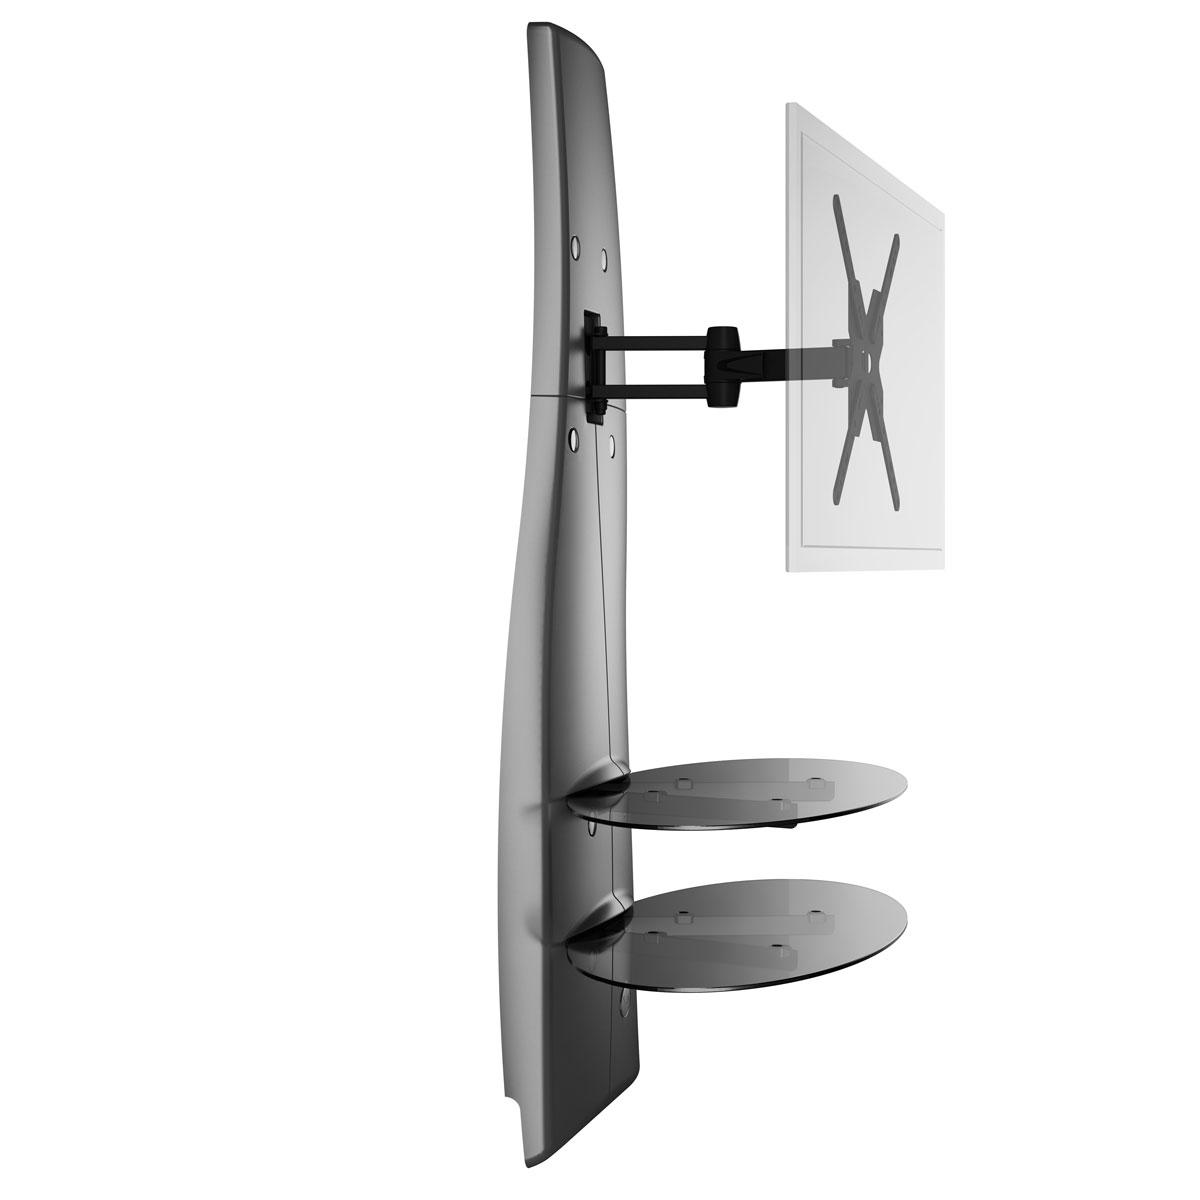 Meliconi Ghost Design 2000 Rotation Blanc Meuble Tv Meliconi Sur  # Meuble Tv Support Ecran Plat